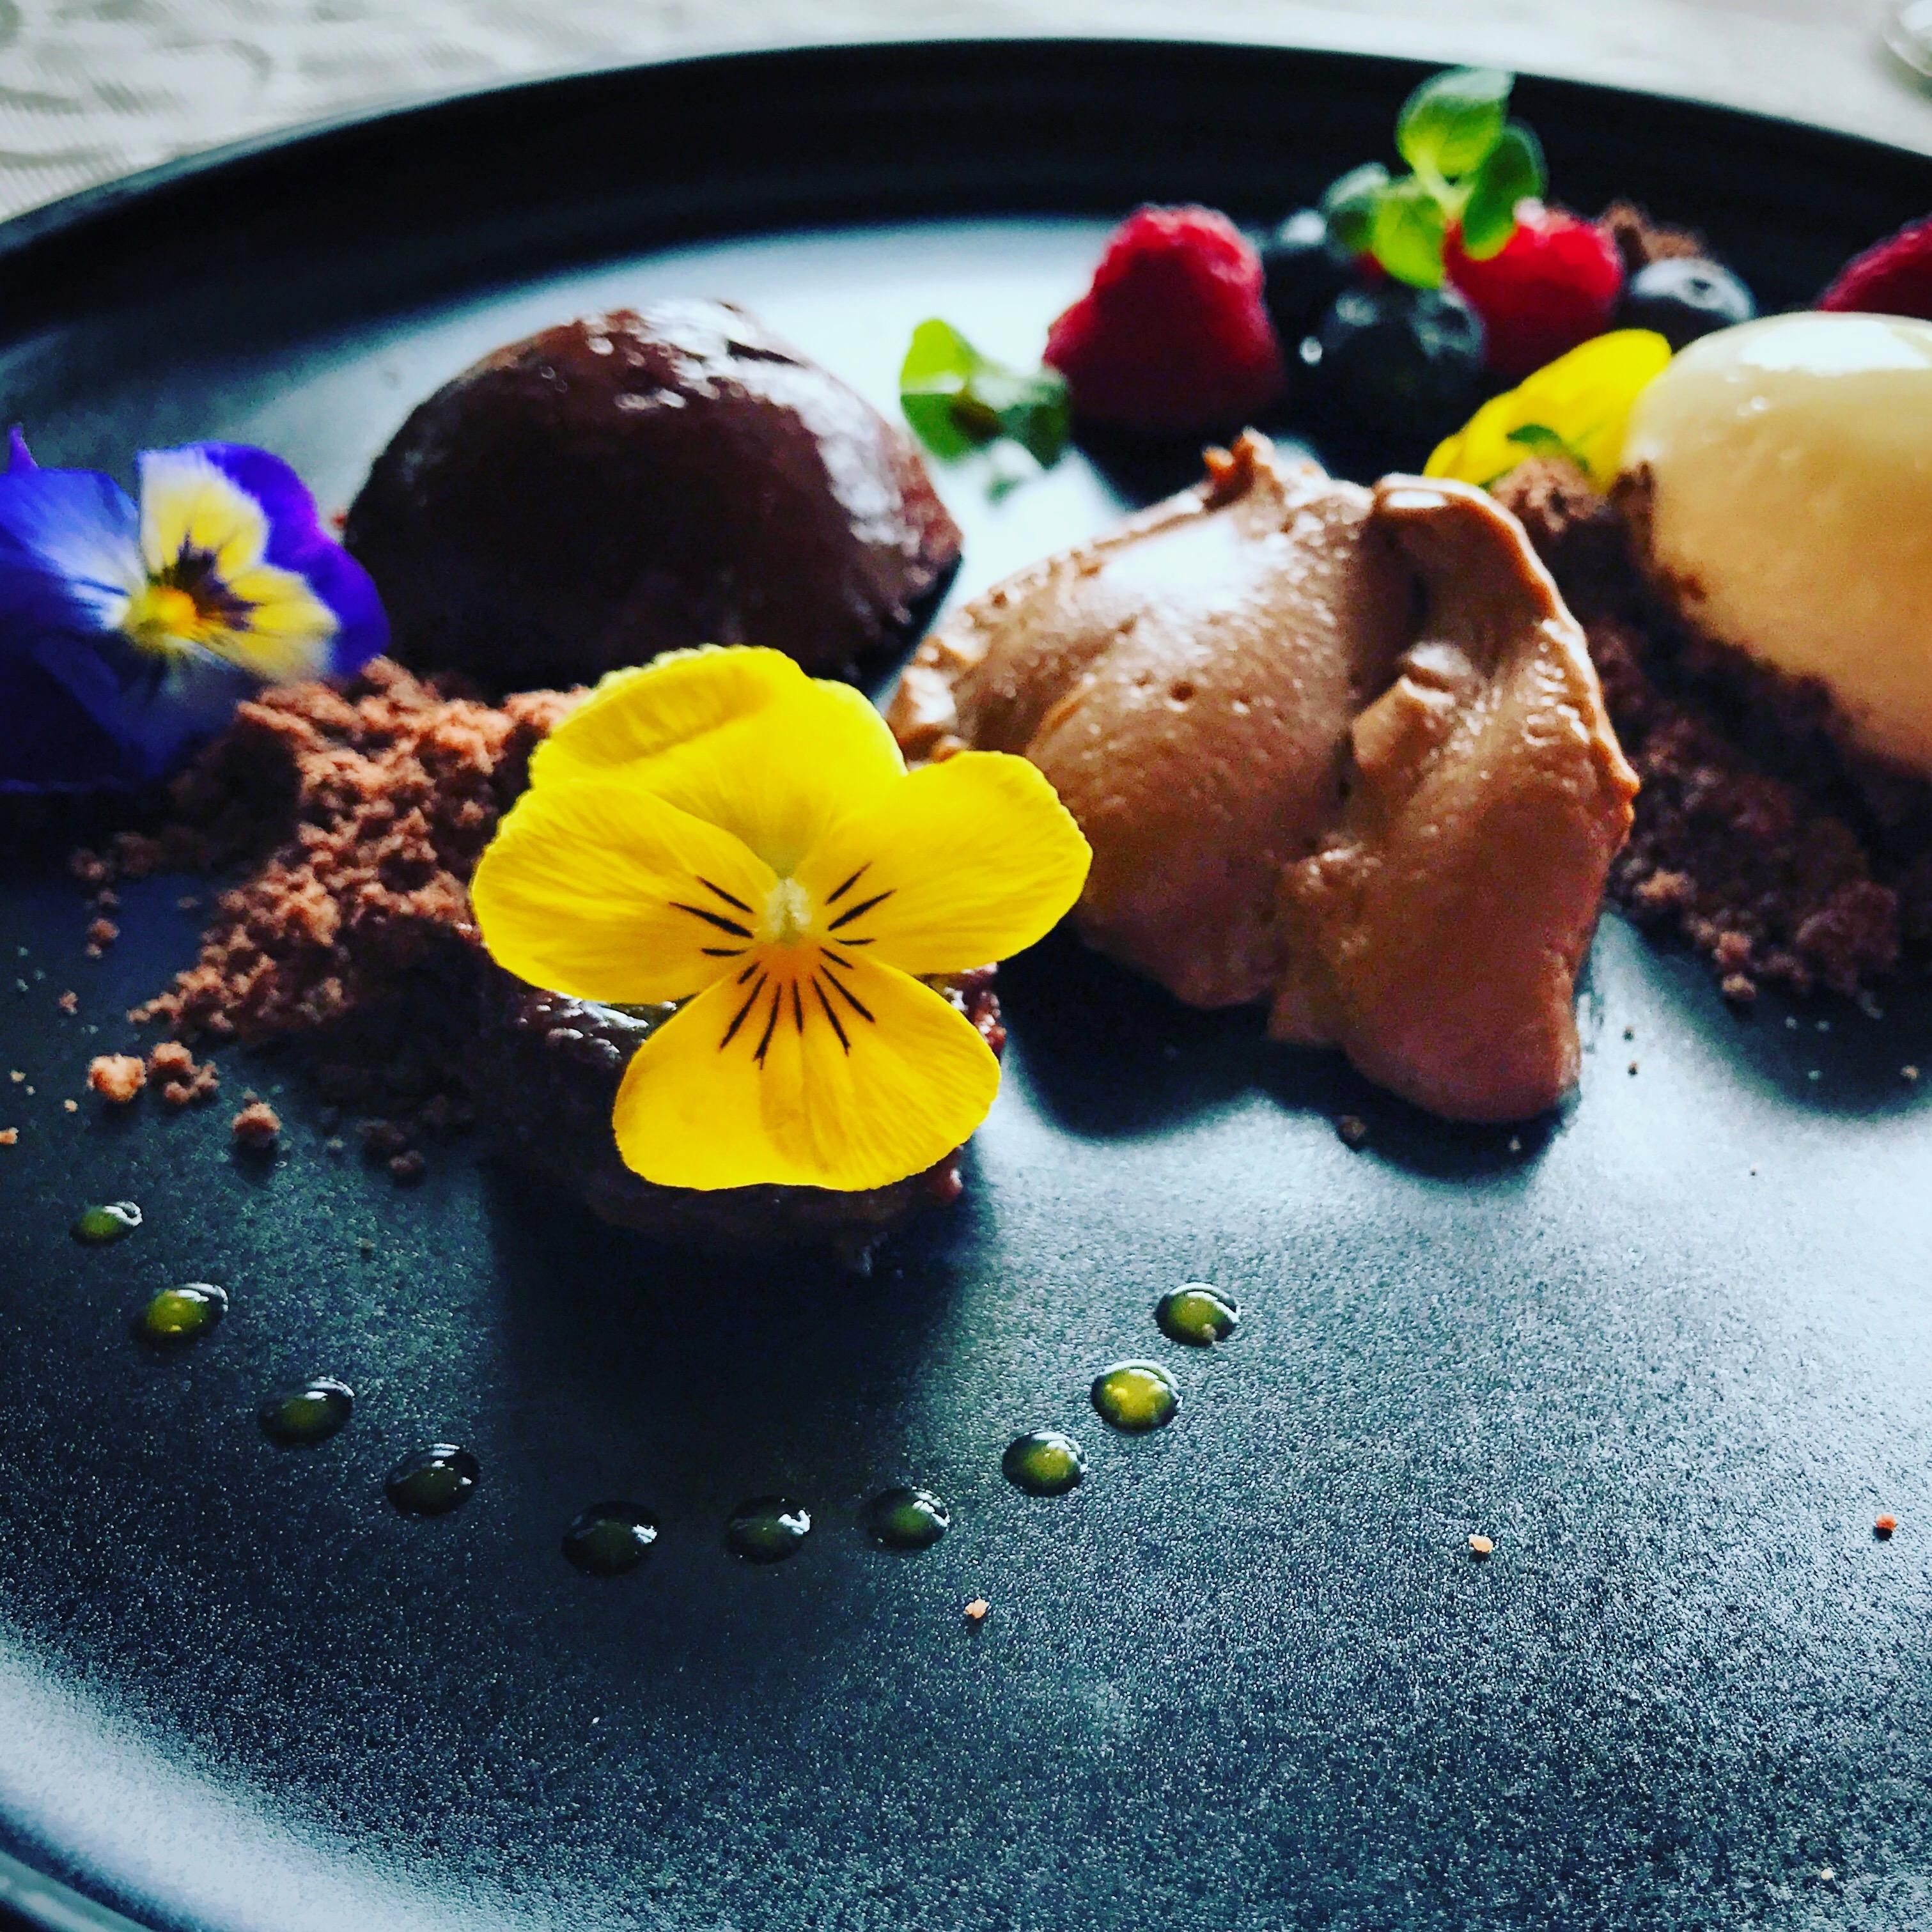 Flower Dessert